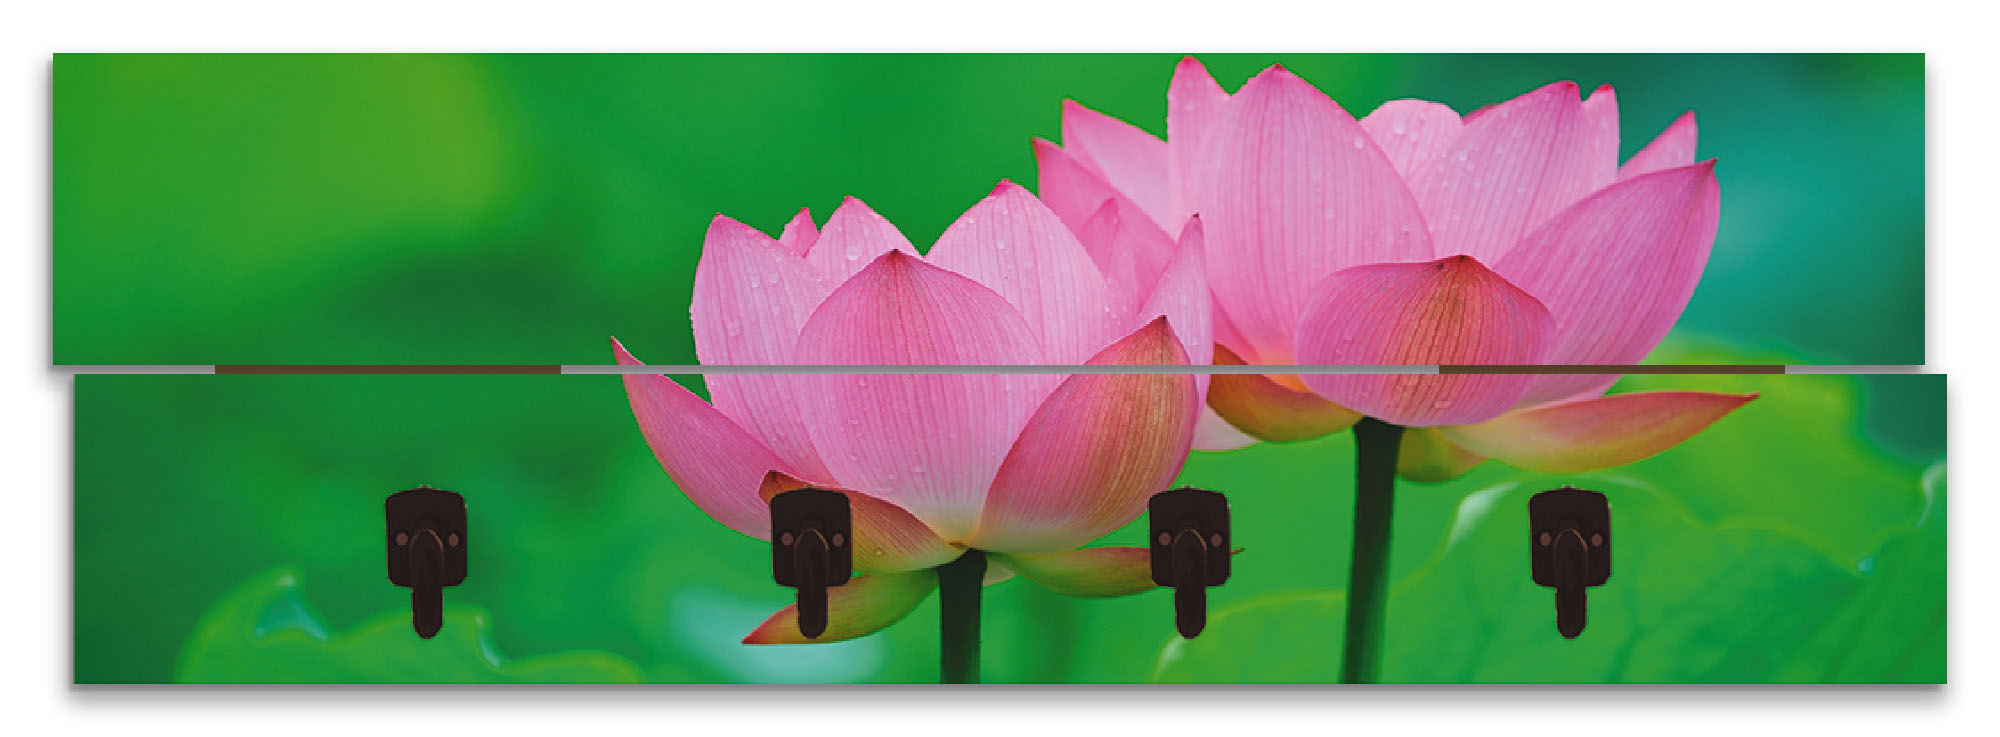 Image of Artland Garderobenpaneel »Blühende Lotusblume«, platzsparende Wandgarderobe aus Holz mit 4 Haken, geeignet für kleinen, schmalen Flur, Flurgarderobe